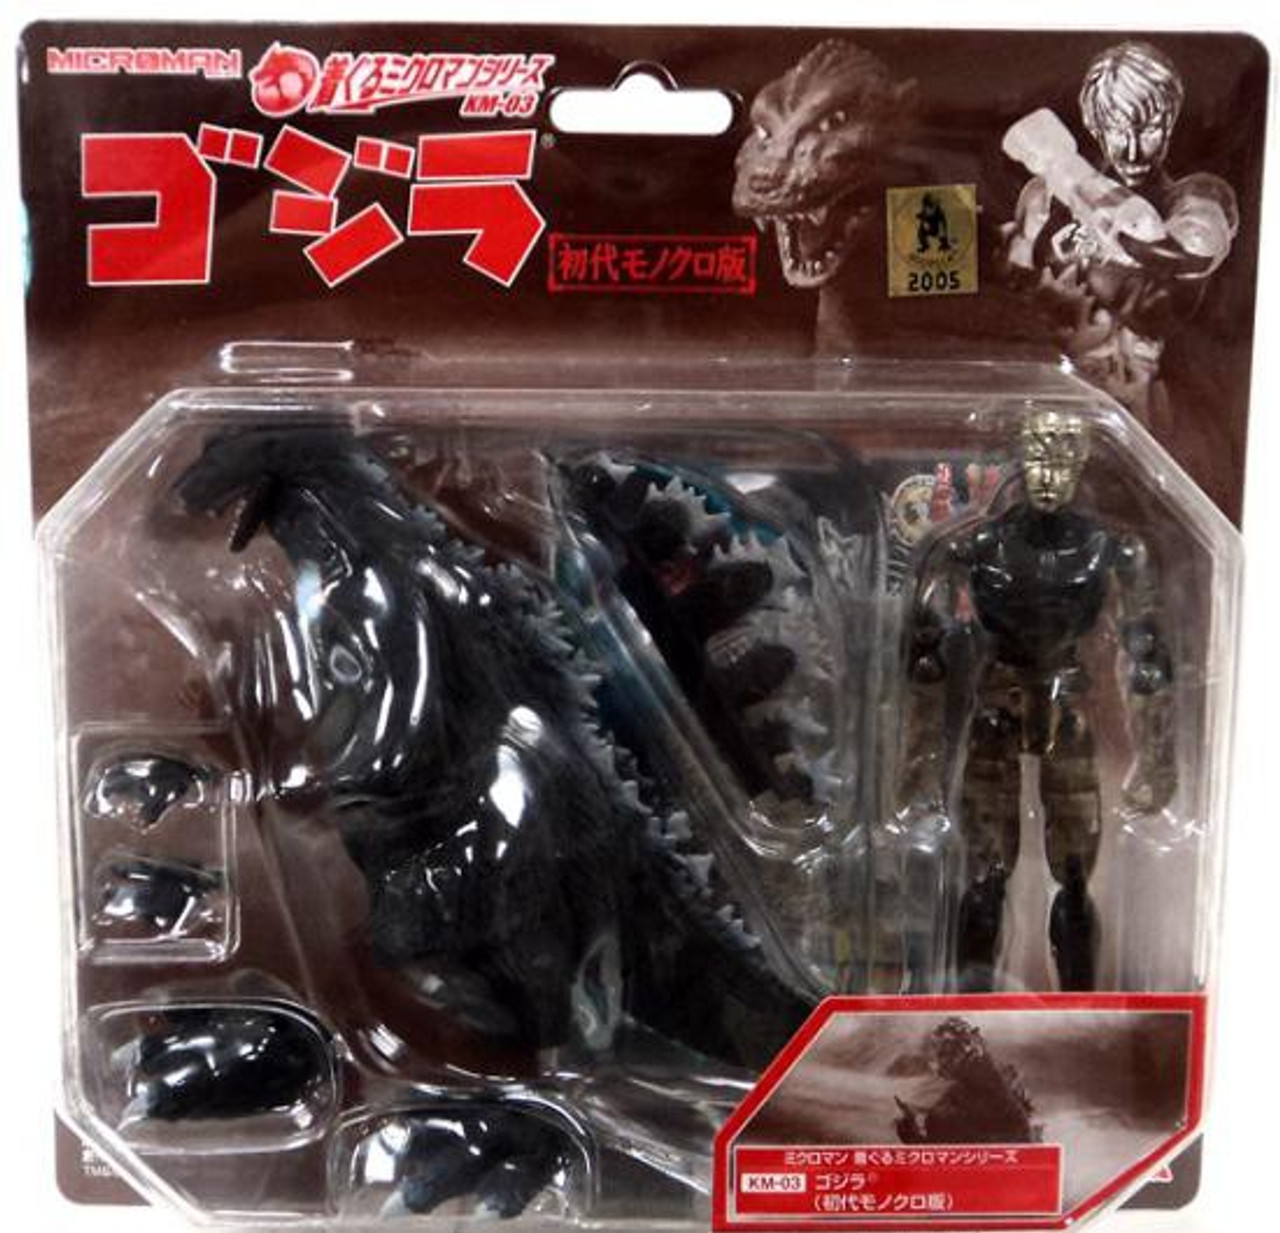 Microman Godzilla Figure KM-03 [First Monochrome Version]